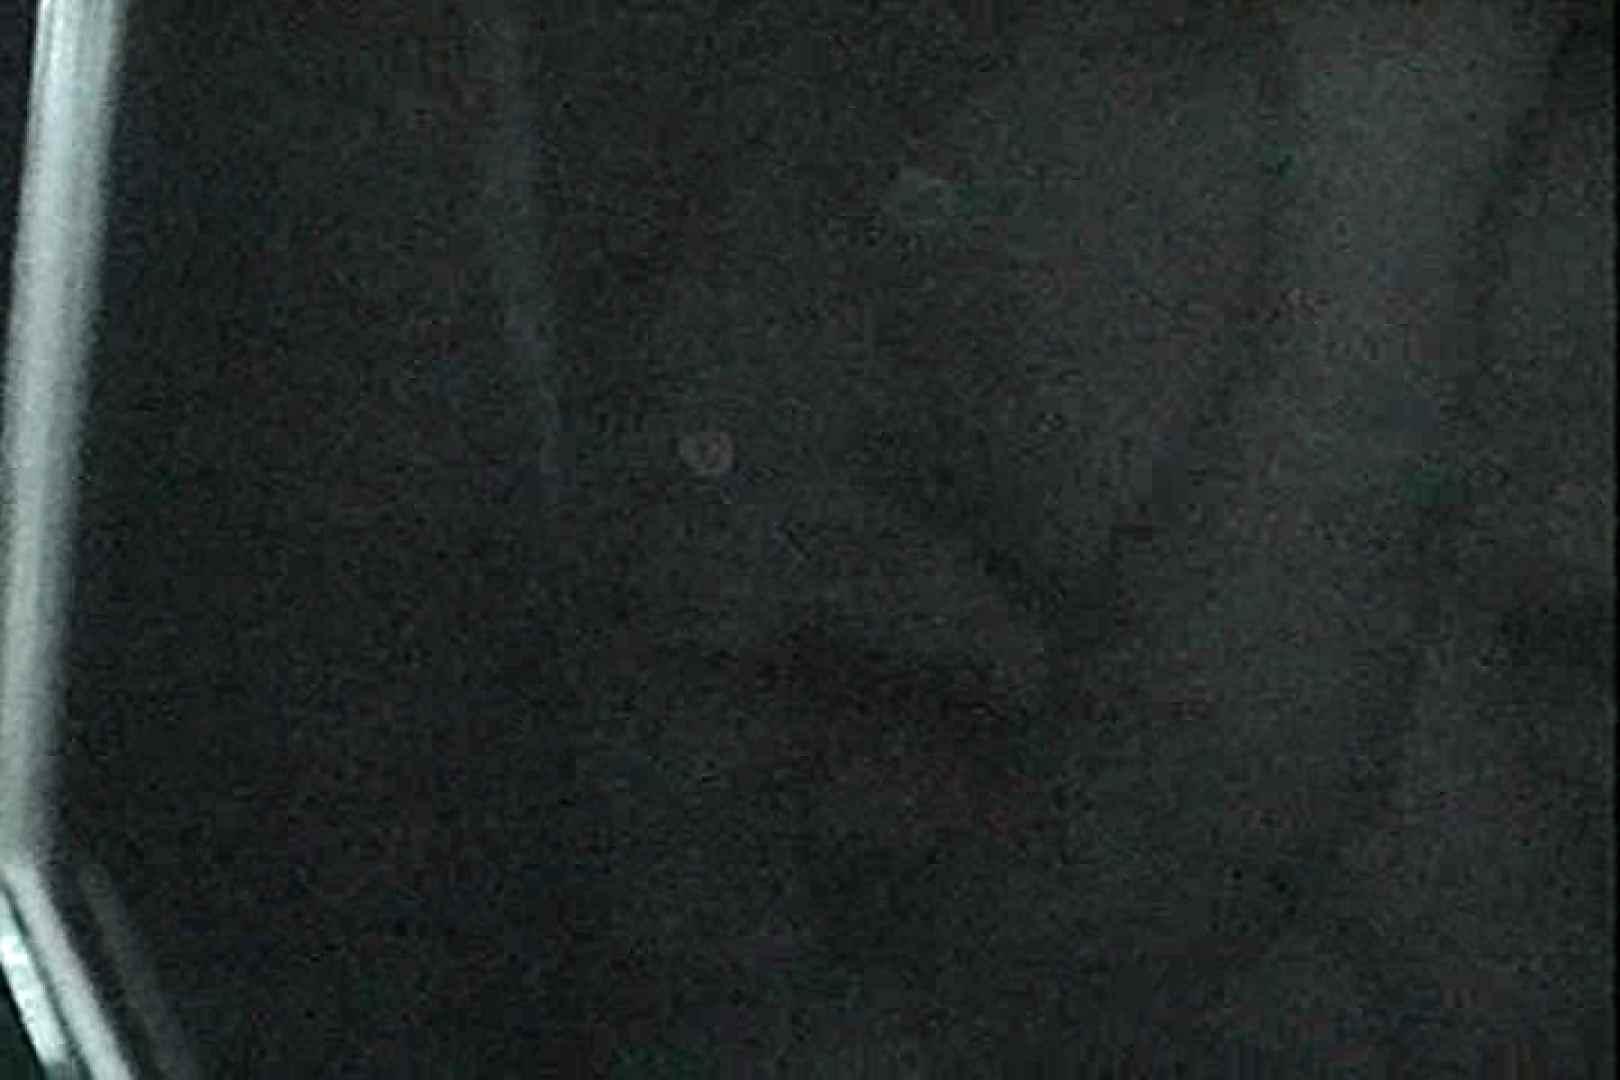 充血監督の深夜の運動会Vol.39 カップル  89pic 56